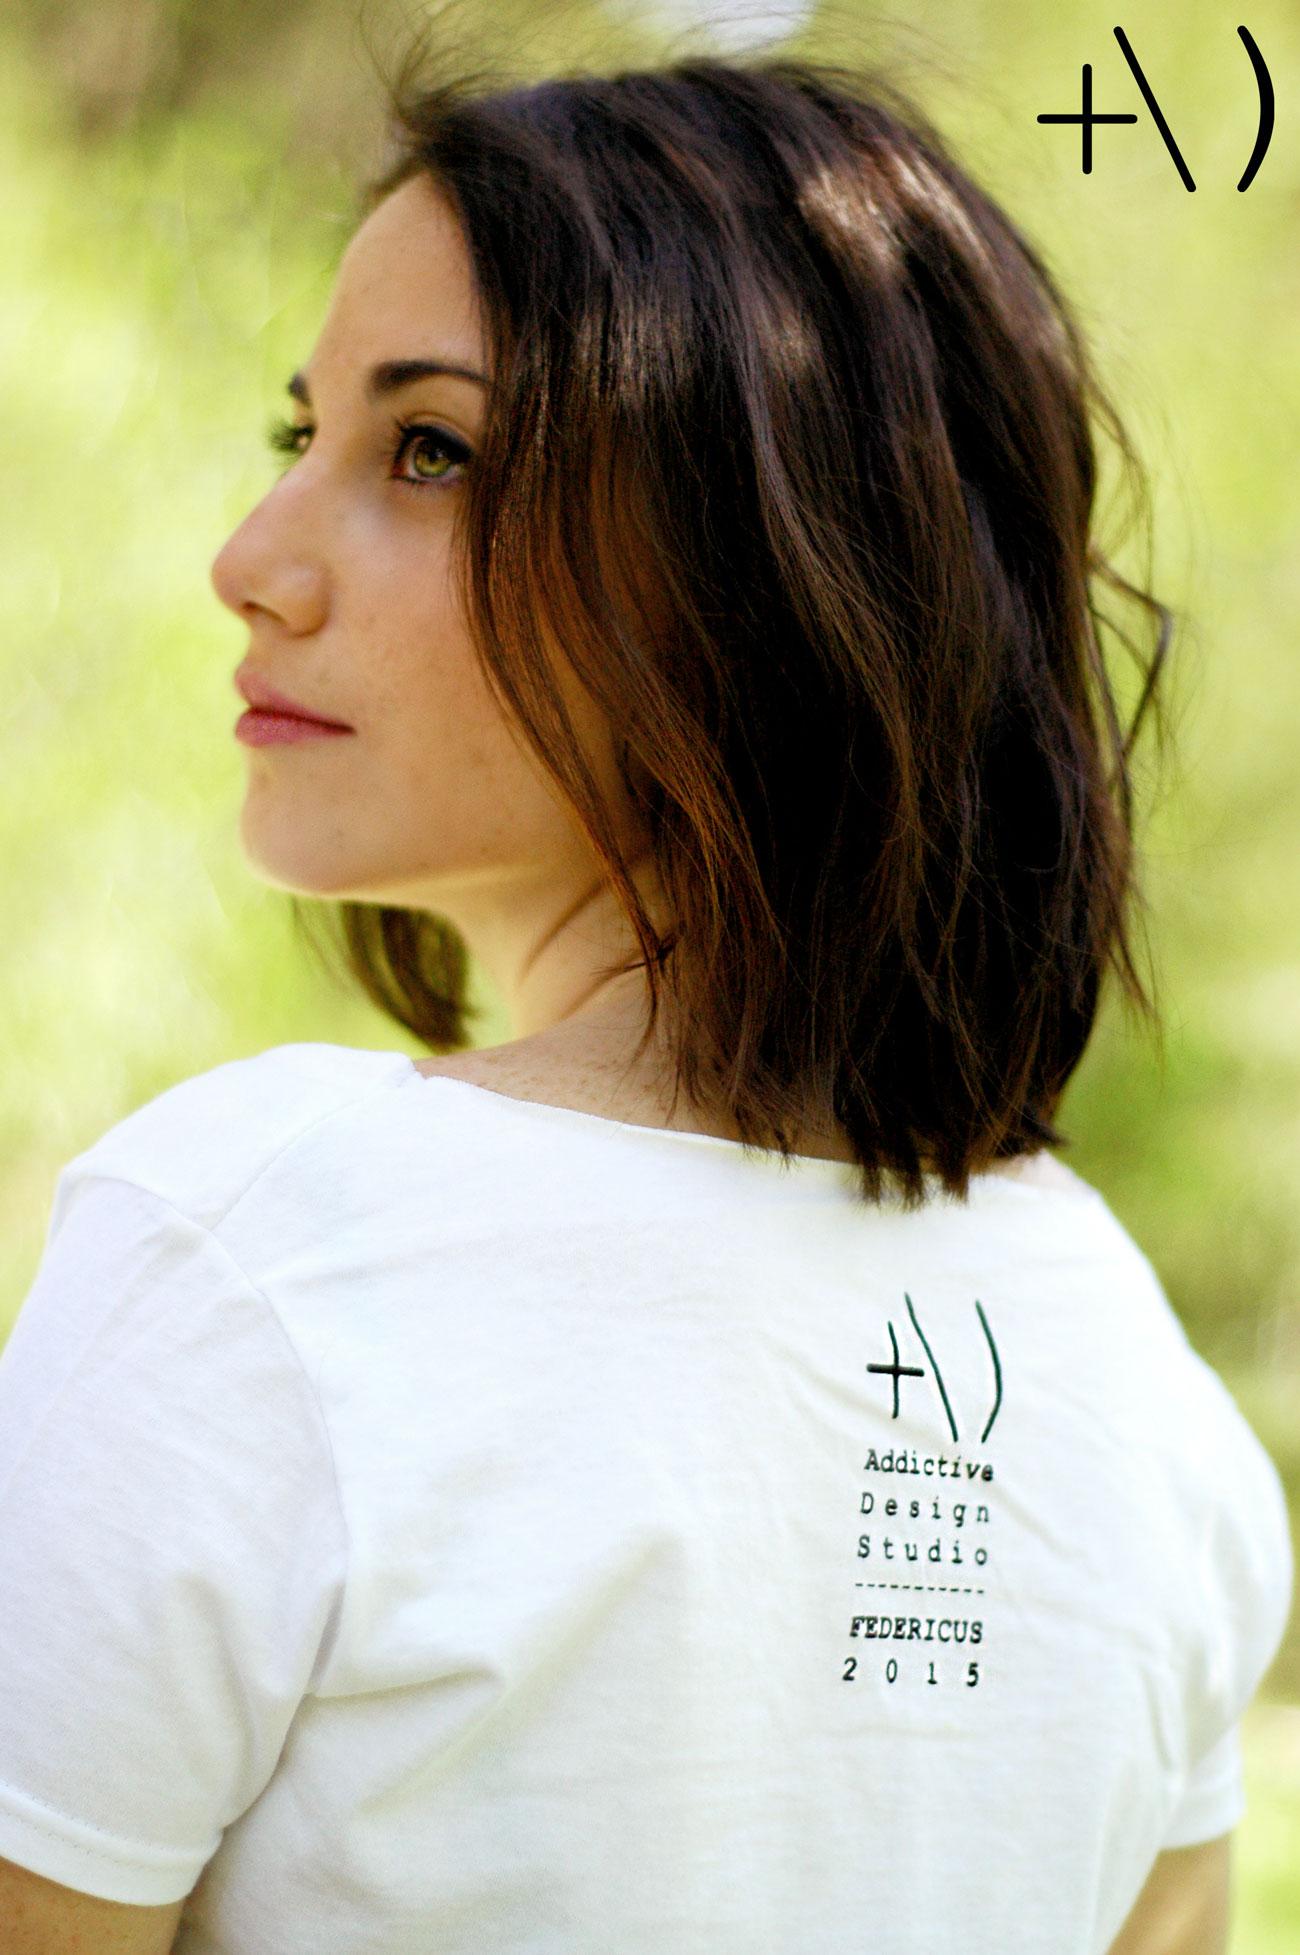 federicus 2015 female t-shirt retro